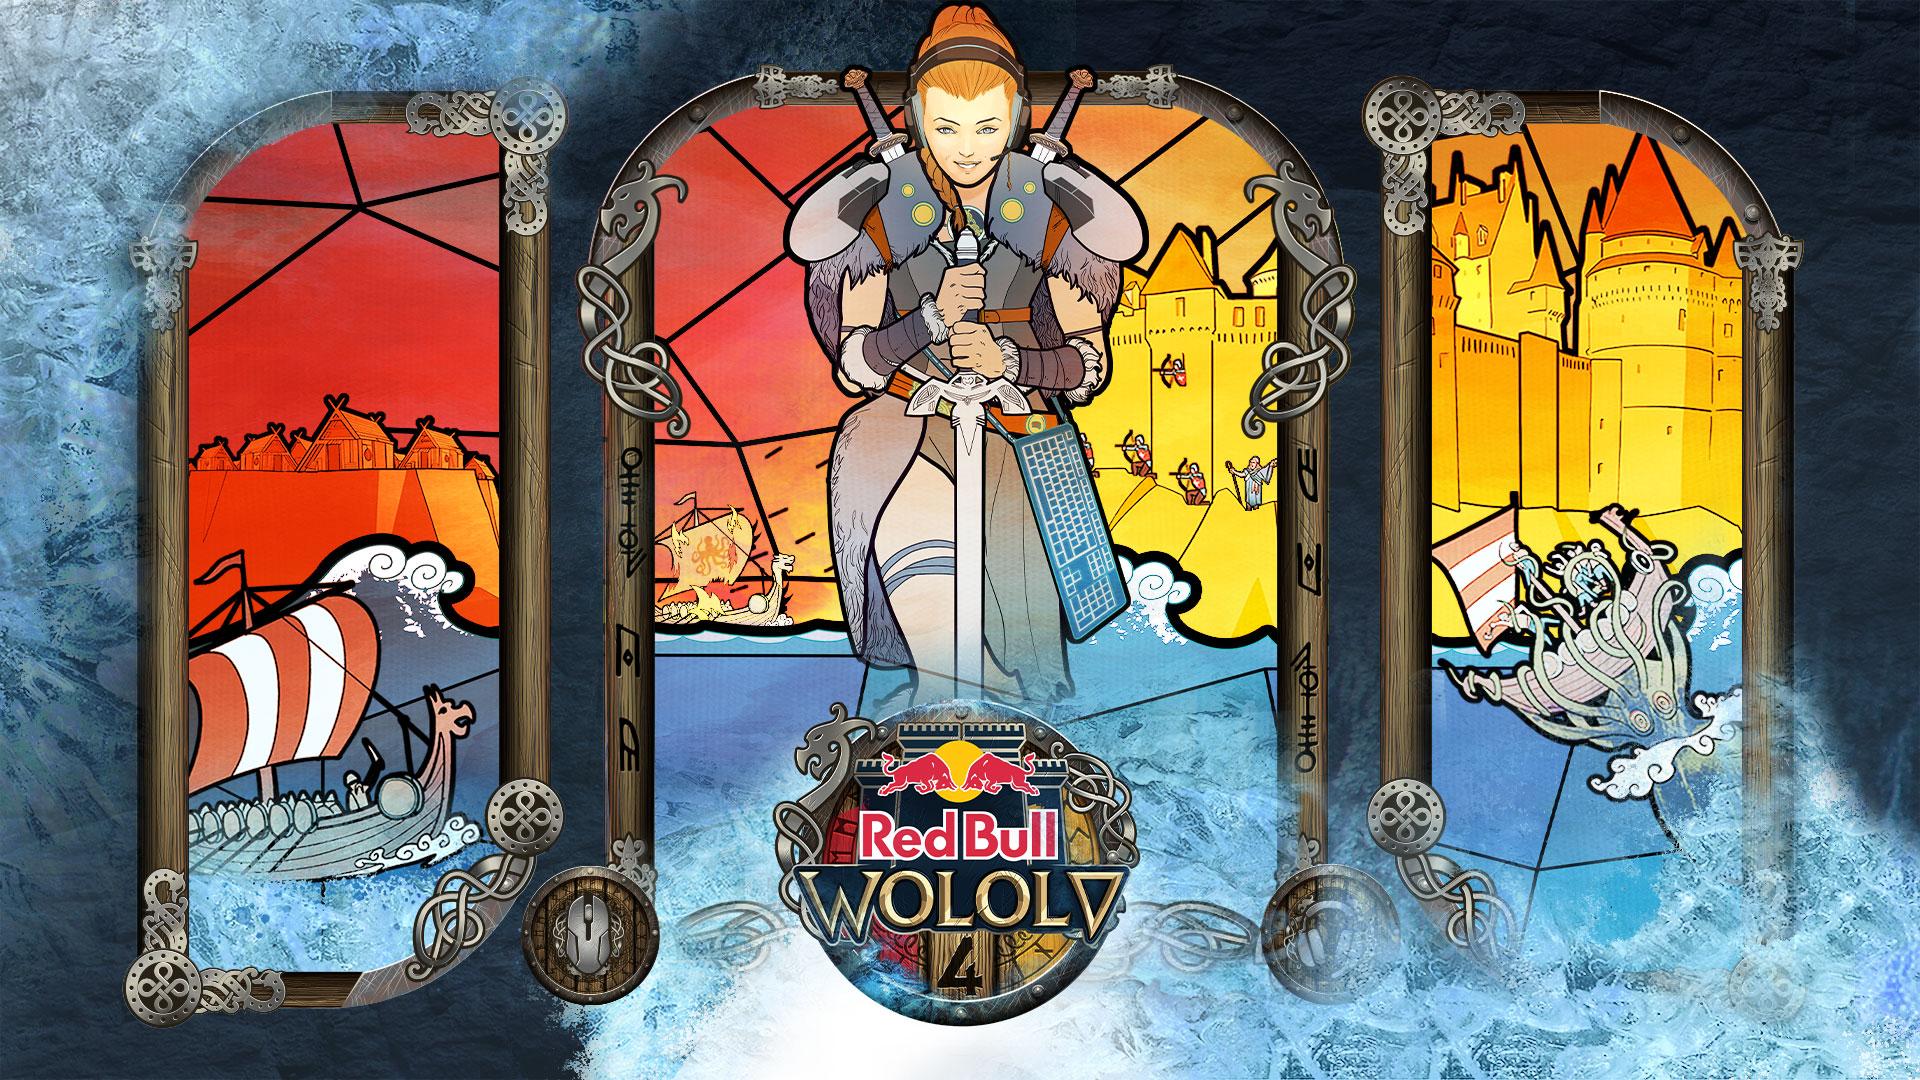 WOLOLO 4 banner